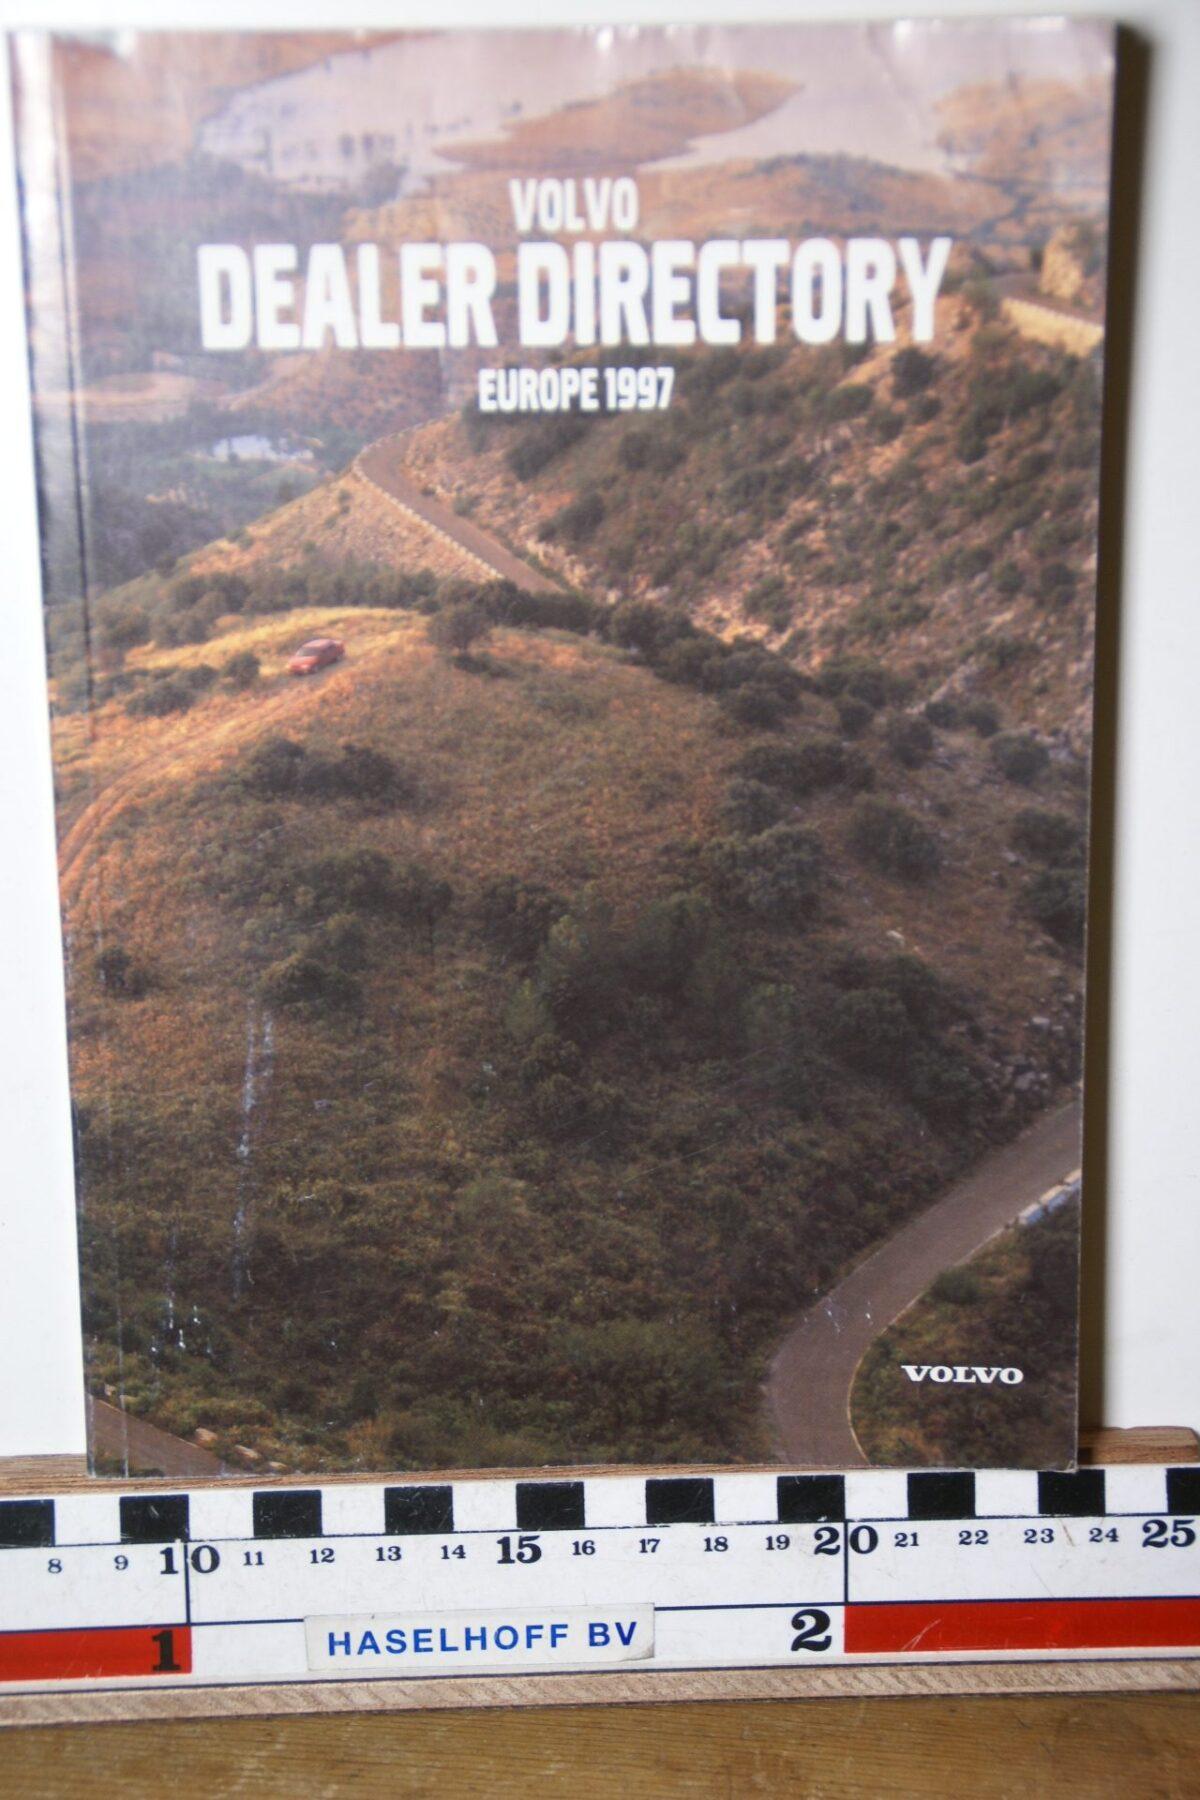 DSC02487 1997 boekje Volvo dealers in Europa MSPV 527-8100